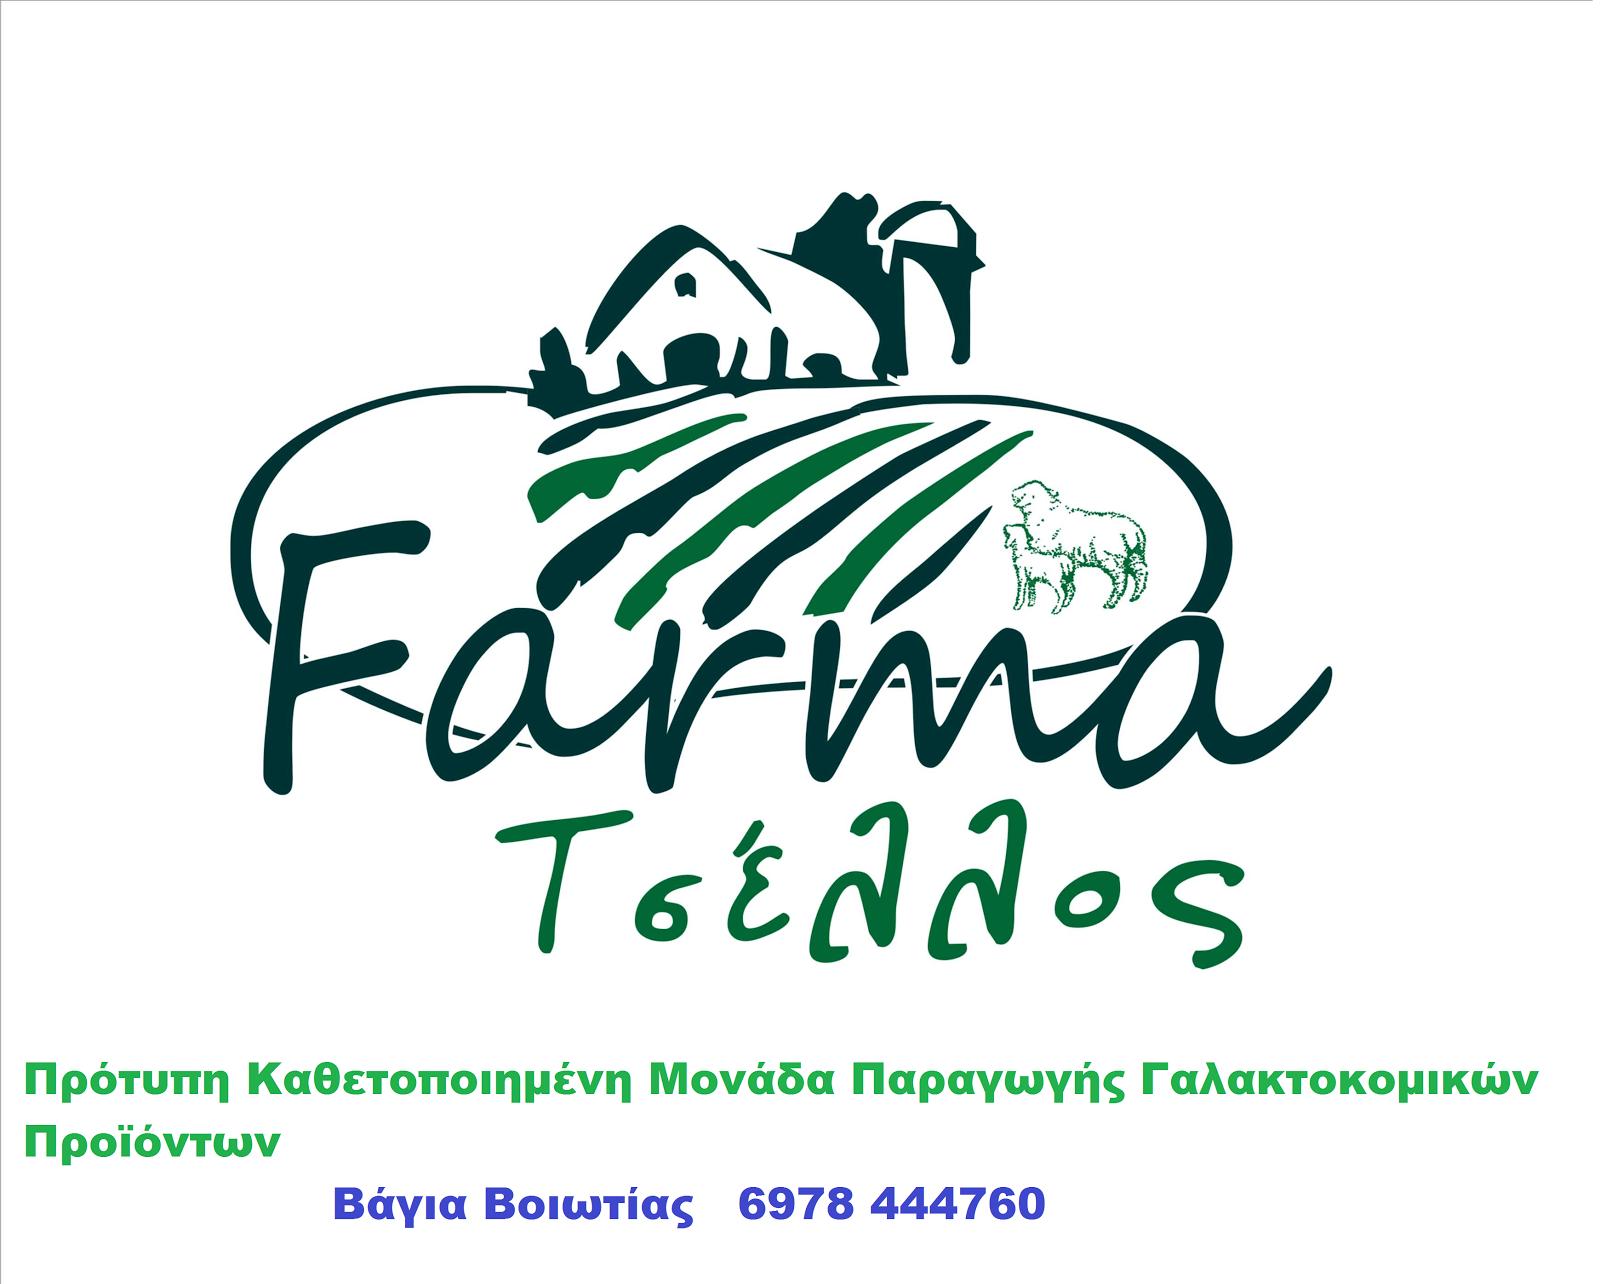 Πρότυπη Καθετοποιημένη Μονάδα Παραγωγής Γαλακτοκομικών Προϊόντων. Βάγια Βοιωτίας.   6978 444760.